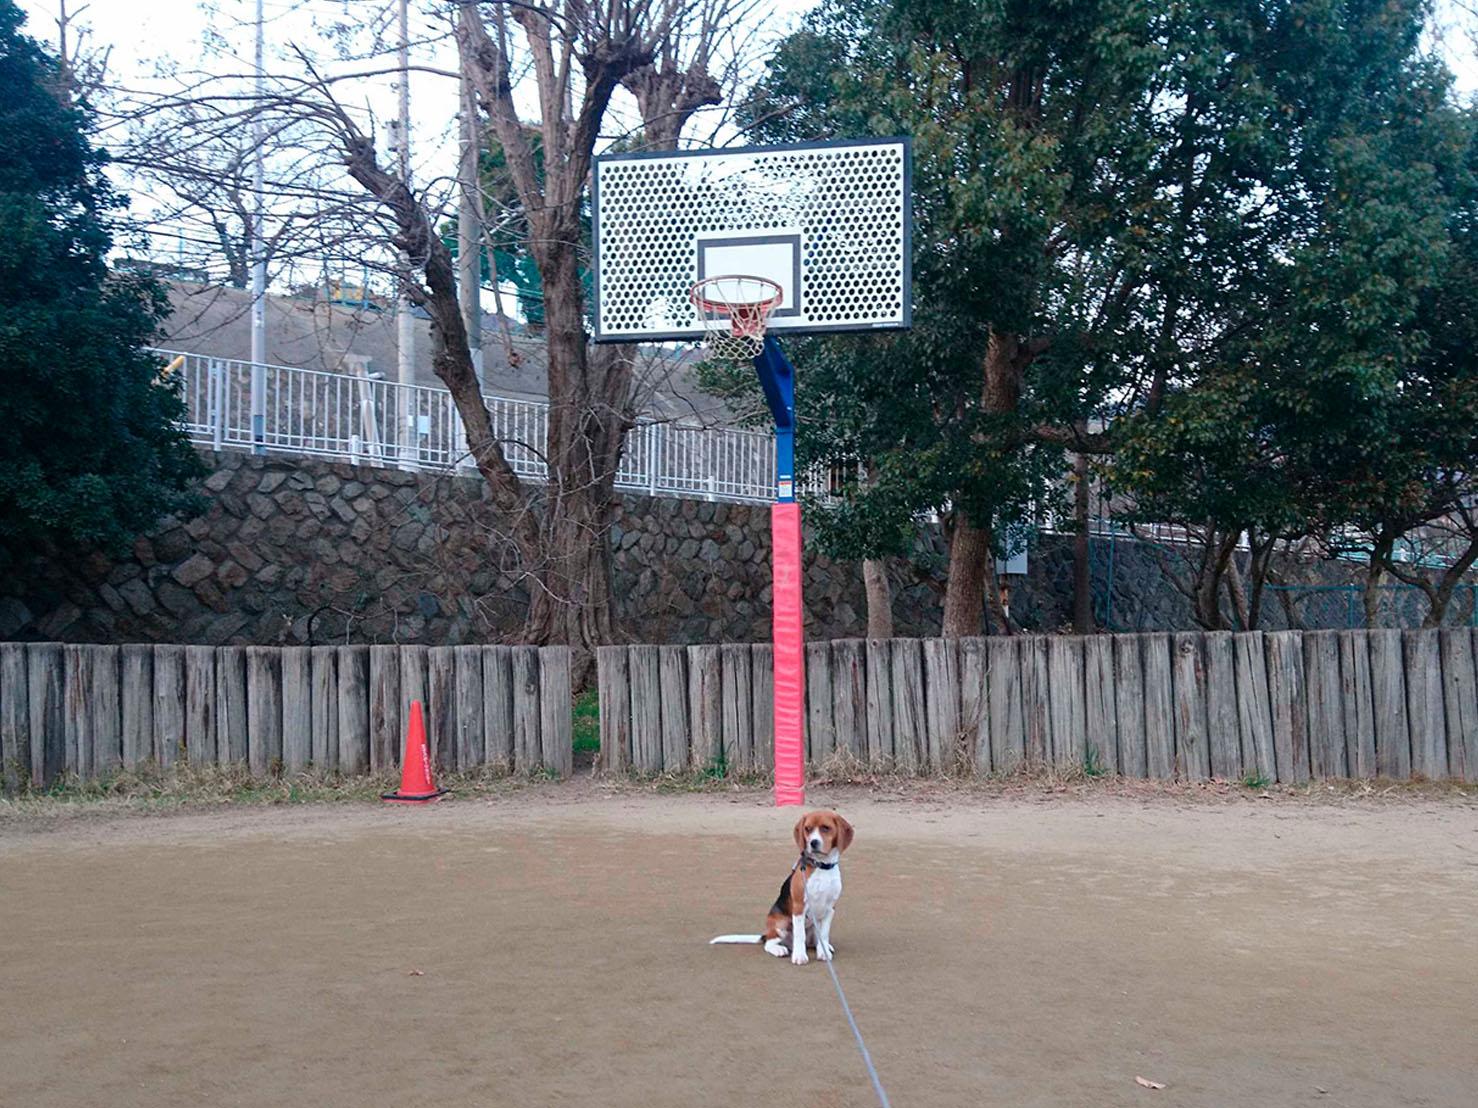 王子スポーツセンター(屋外コート)